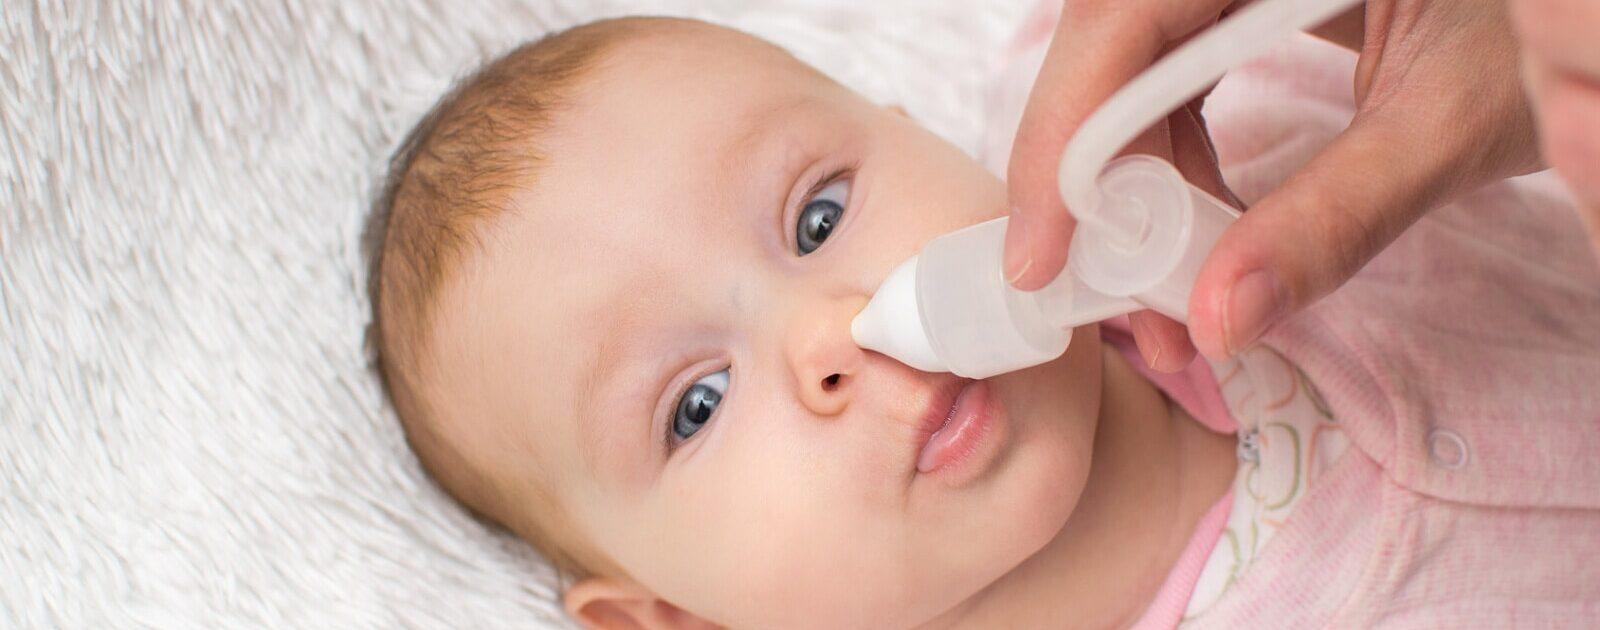 Ein Nasensauger ist ein hilfreiches Hausmittel bei verstopften Nasen von Babys.